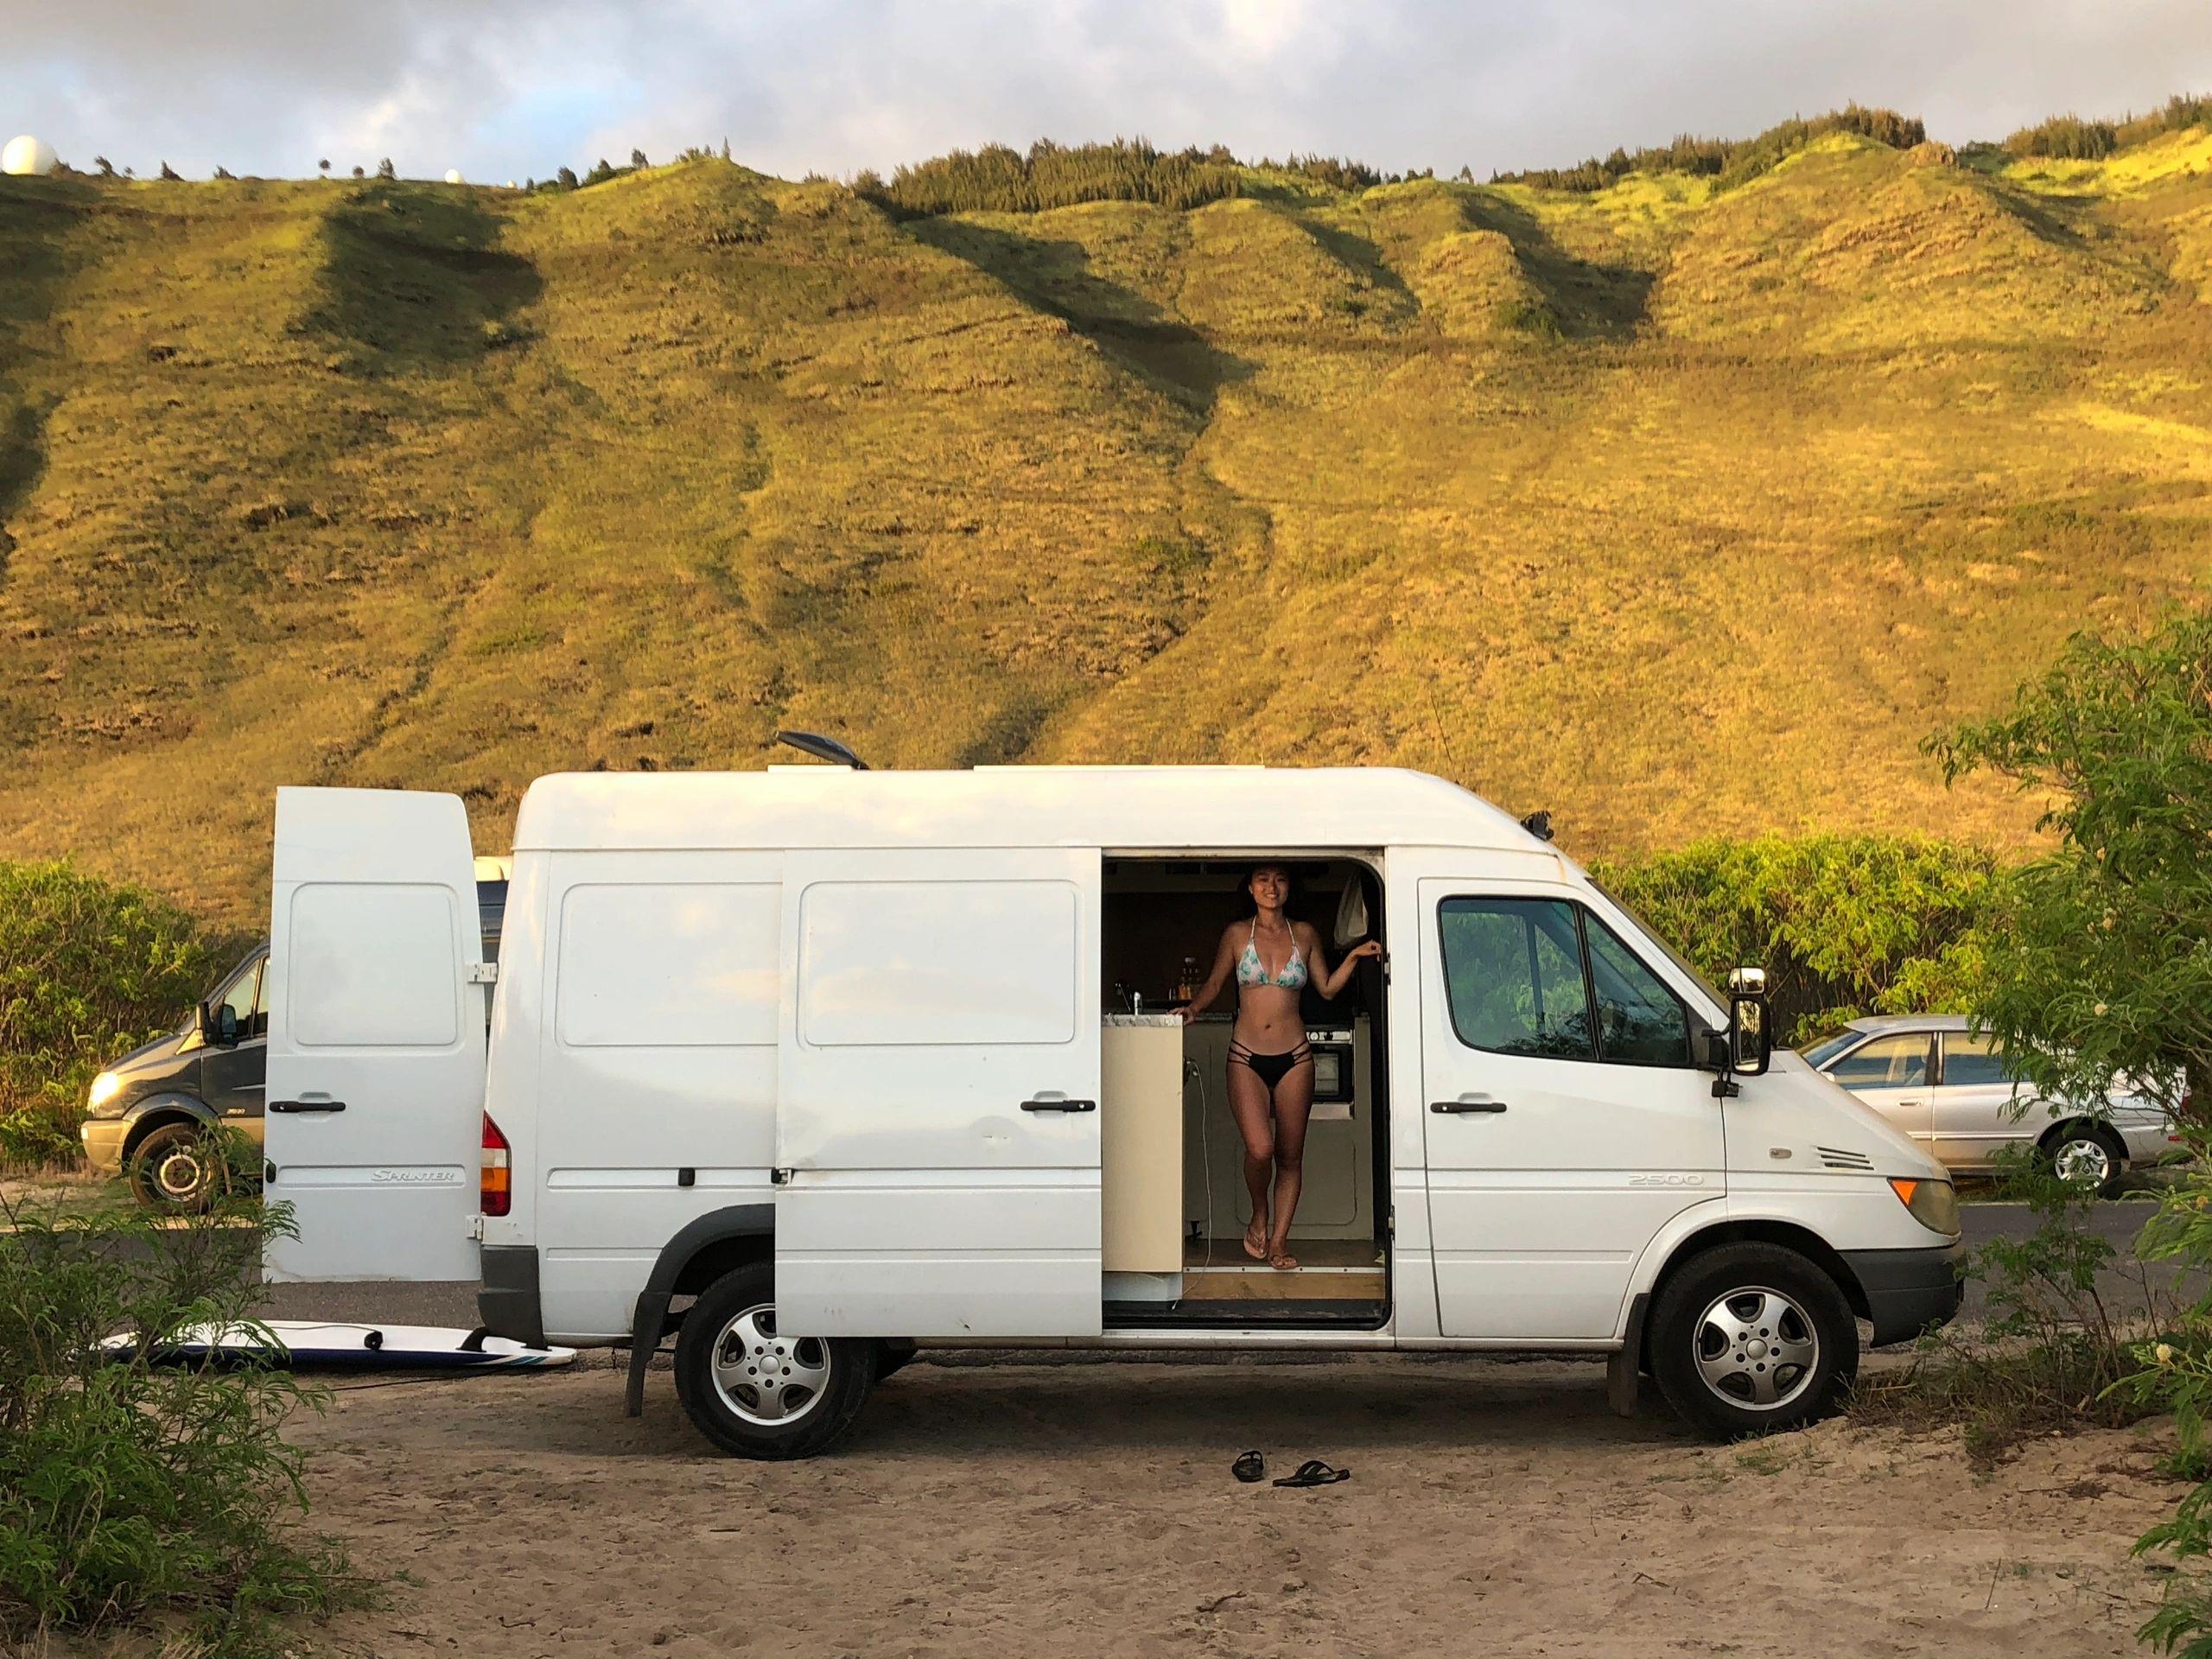 Aloha vanlife - Camper Van Rental, Rv Rental, Camper Van